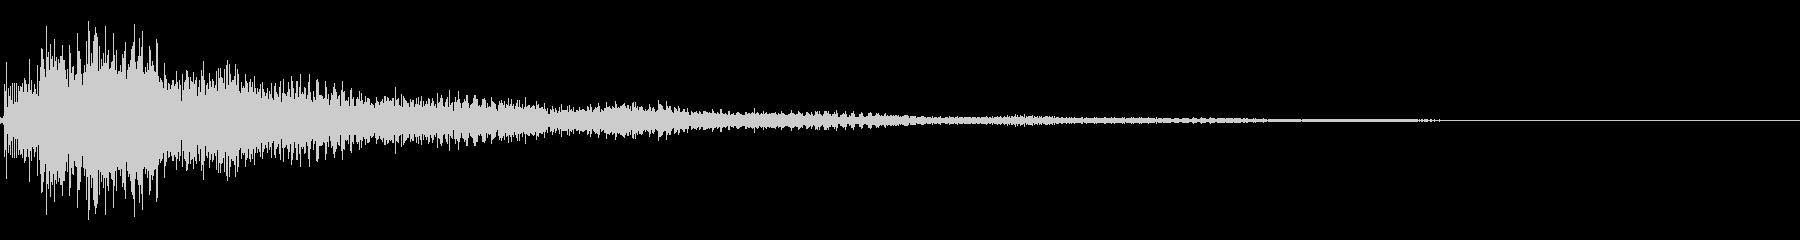 エレキギター(クリーントーン)の未再生の波形